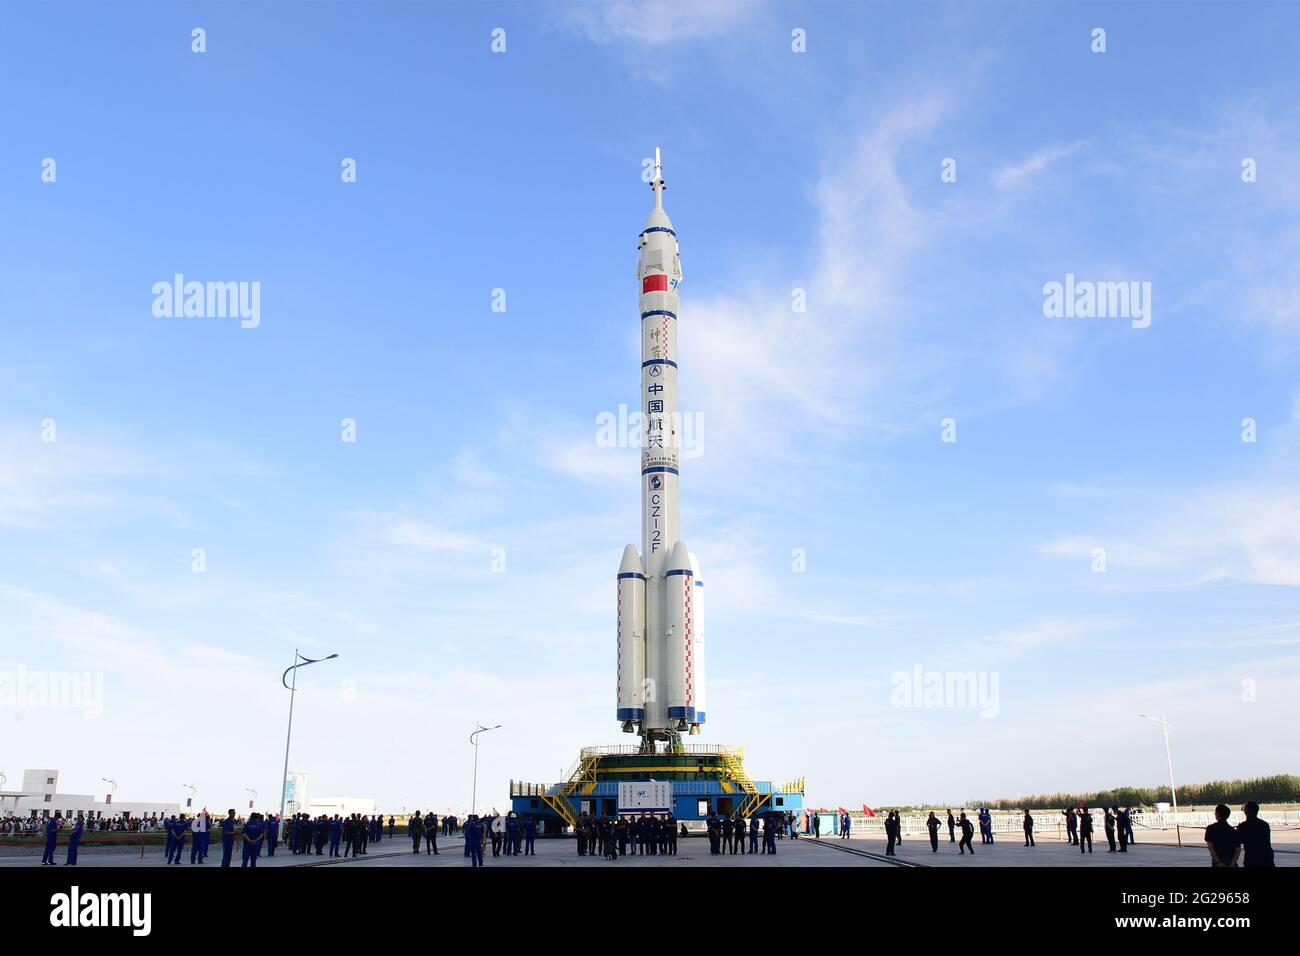 (210609) -- JIUQUAN, 9 giugno 2021 (Xinhua) -- la combinazione della navicella spaziale Shenzhen-12 con equipaggio e di un razzo portante Long March-2F è in corso di trasferimento nell'area di lancio del Centro di lancio satellitare Jiuquan nella Cina nord-occidentale, 9 giugno 2021. La combinazione della navicella spaziale Shenzhen-12 con equipaggio e di un razzo carrier Long March-2F è stata trasferita nell'area di lancio, ha detto mercoledì l'Agenzia spaziale cinese (CMSA). Credit: Xinhua/Alamy Live News Foto Stock